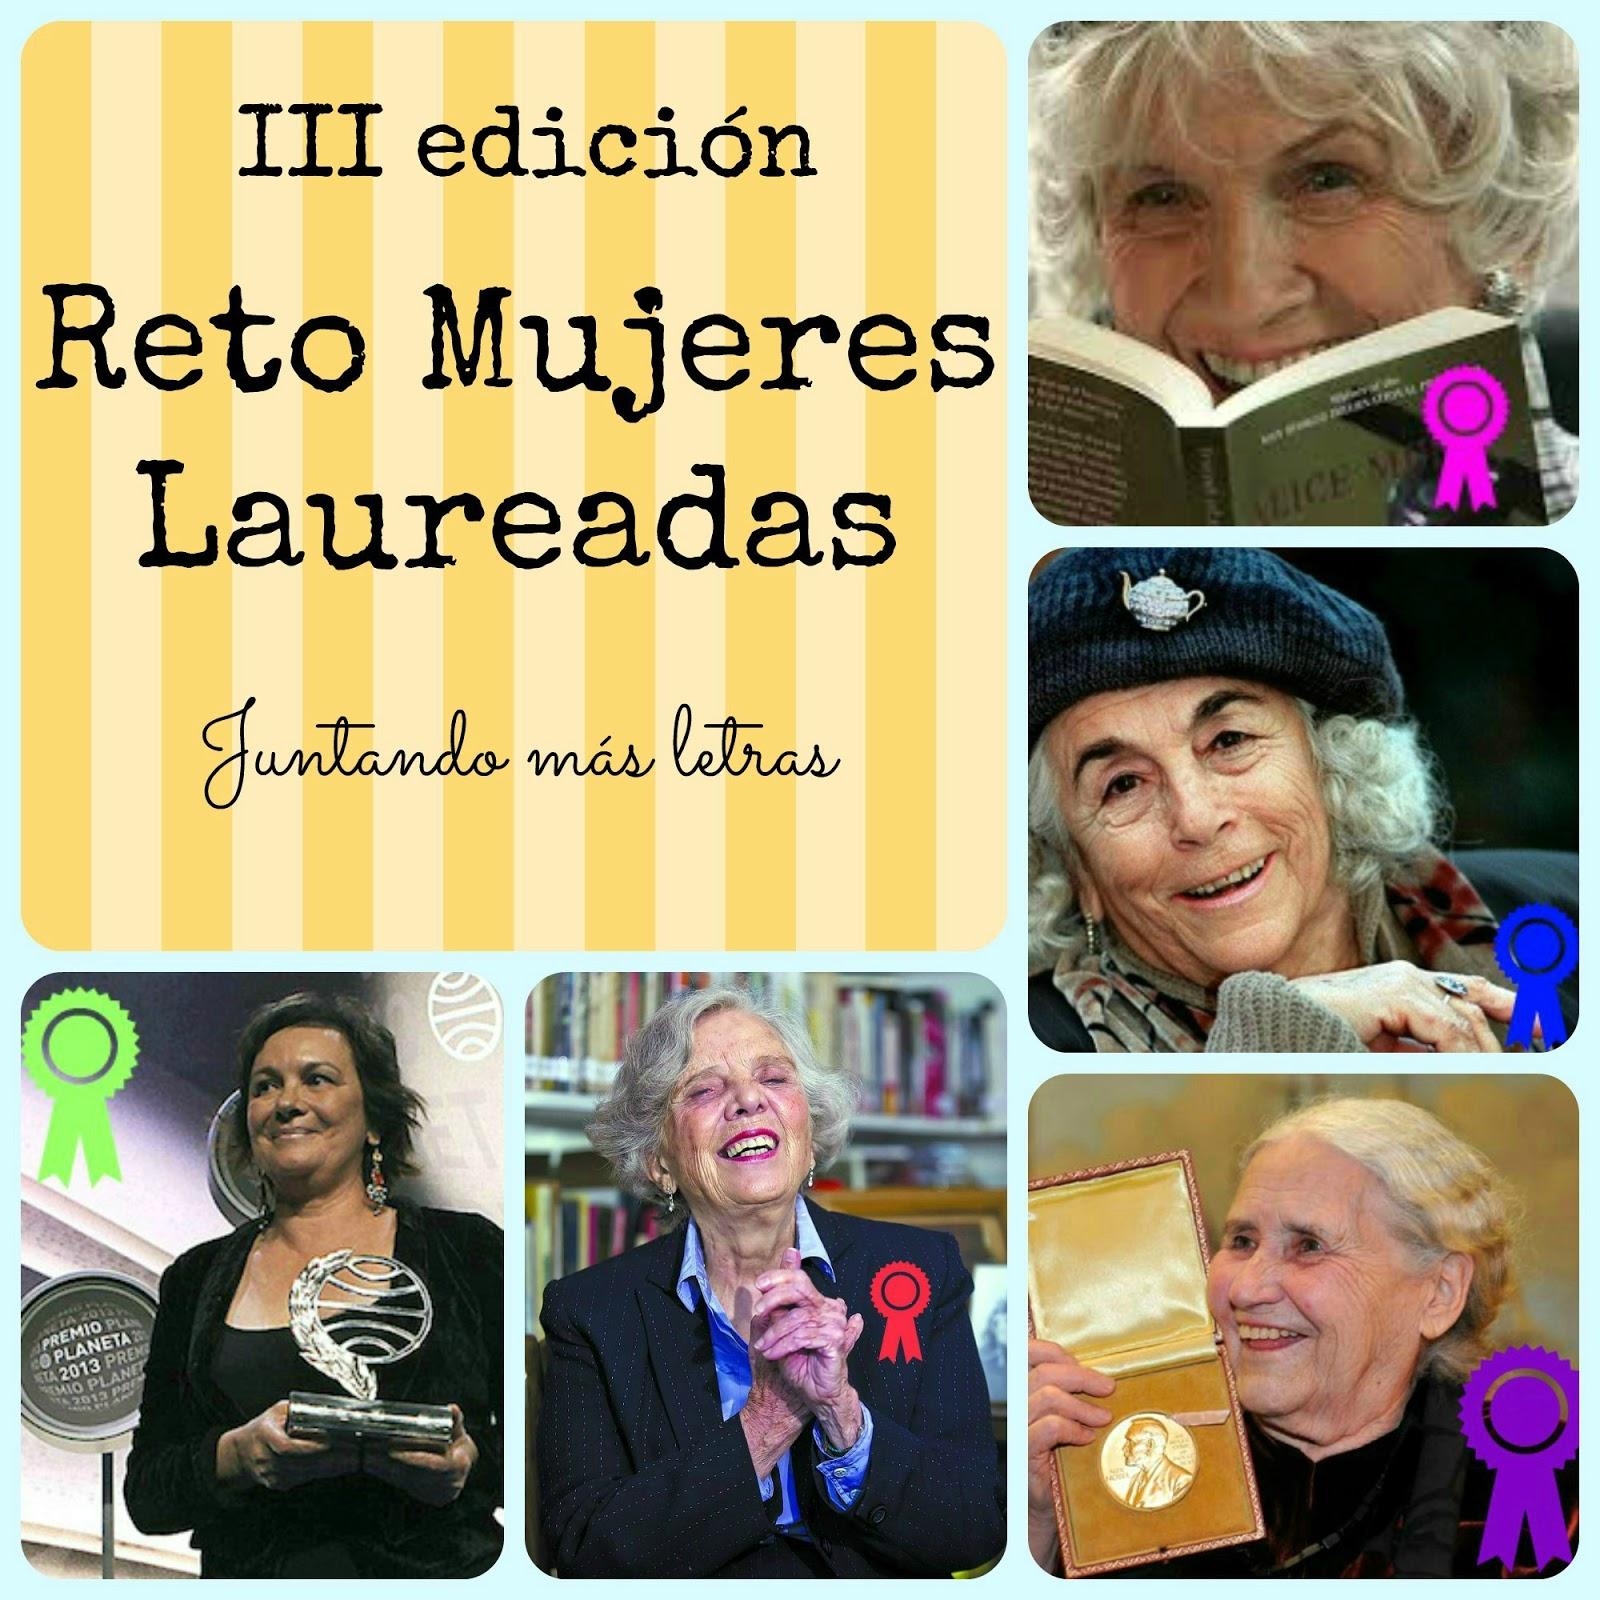 A la deriva: Reto Mujeres laudeadas